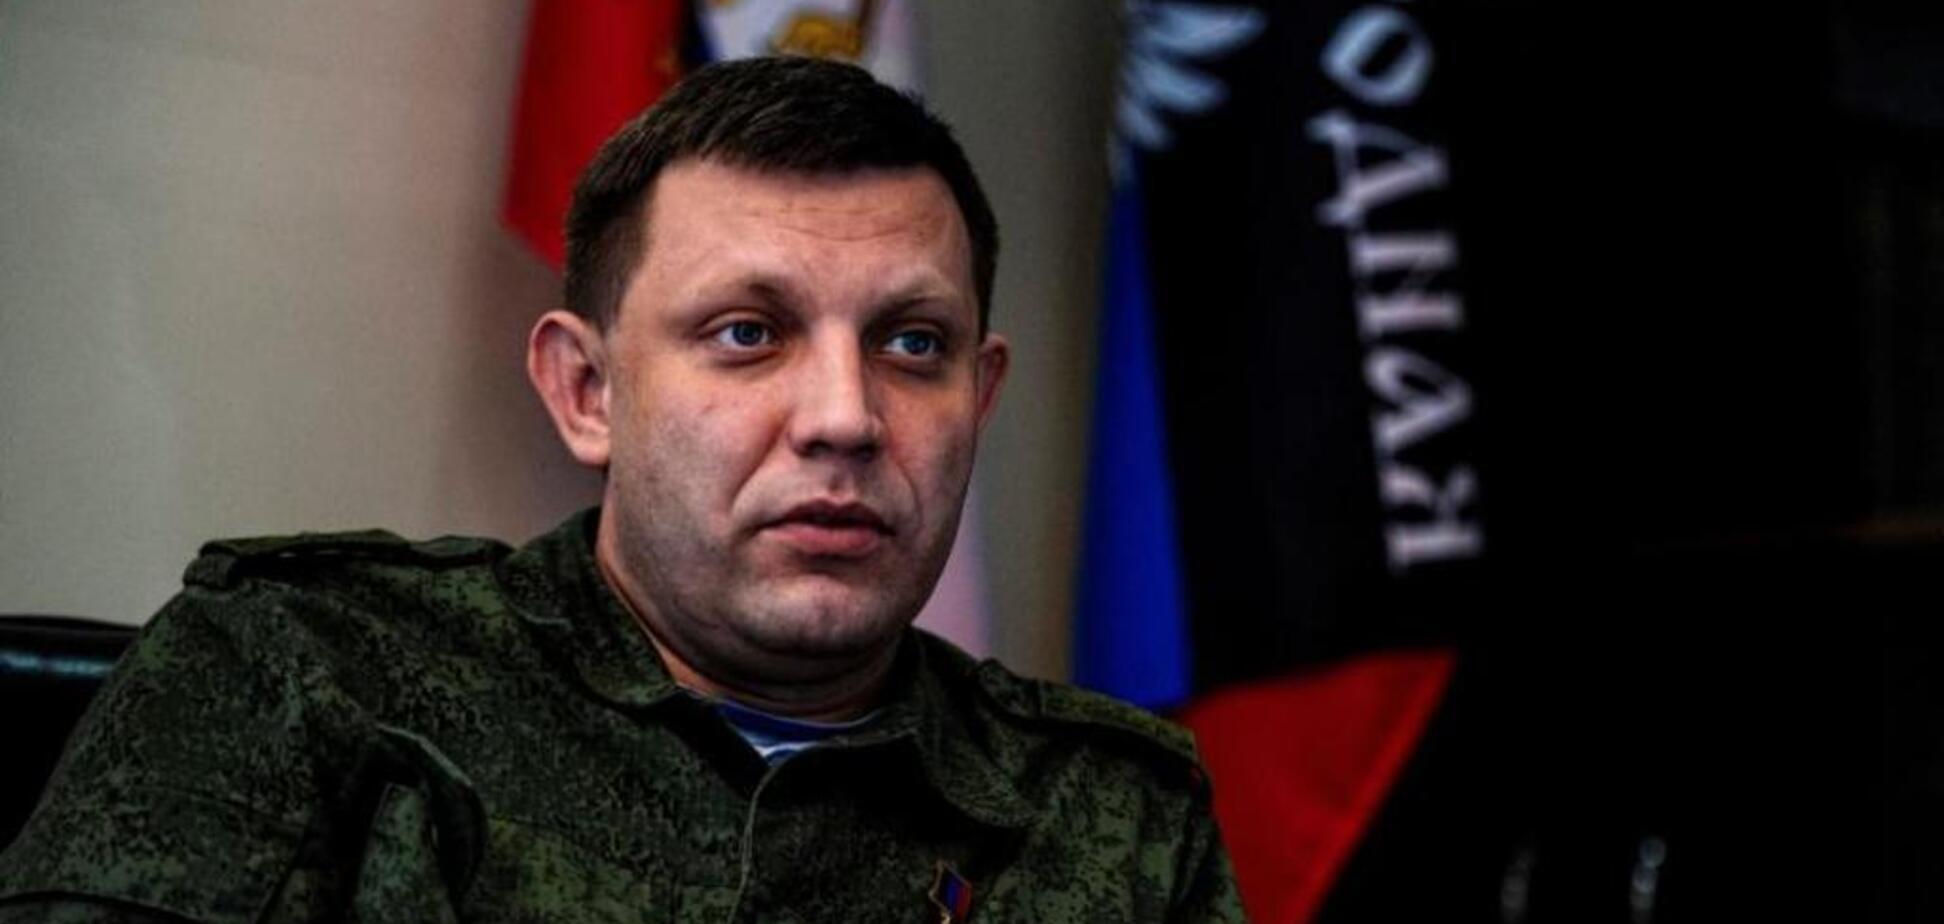 Убийство Захарченко: террористы пошли на отчаянный шаг с похоронами